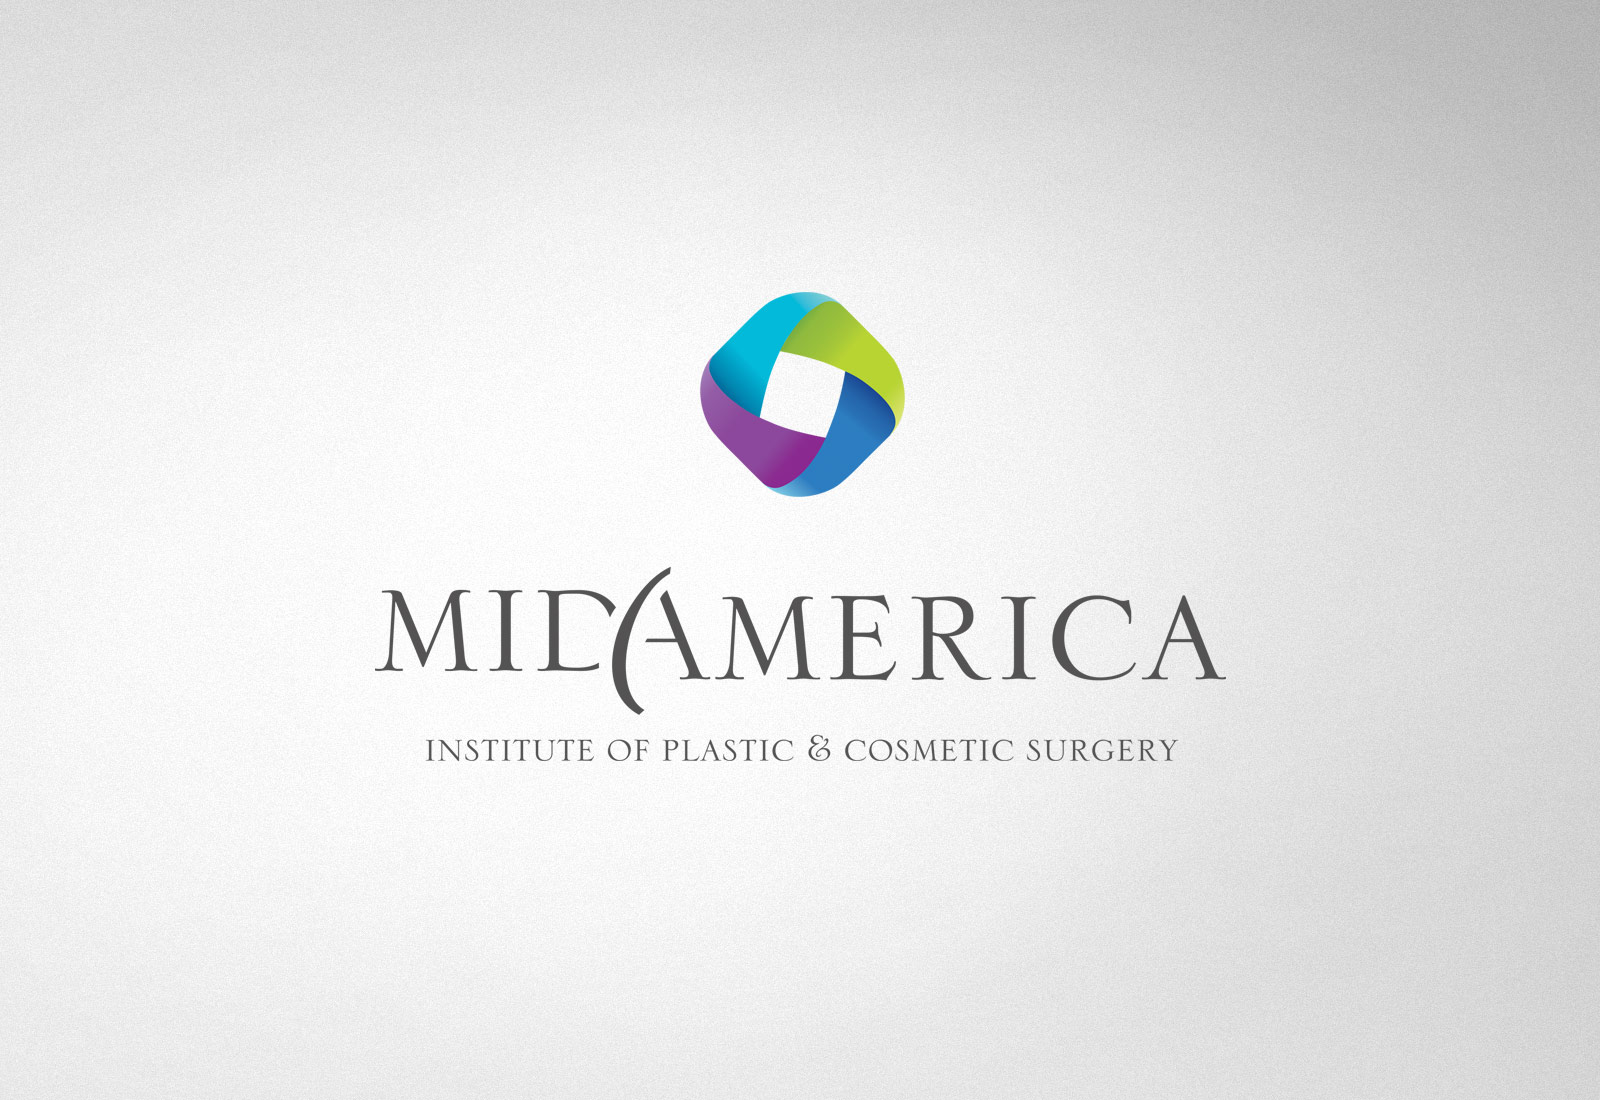 Midamerica Plastic Surgery Work Feature James Arthur Design Co